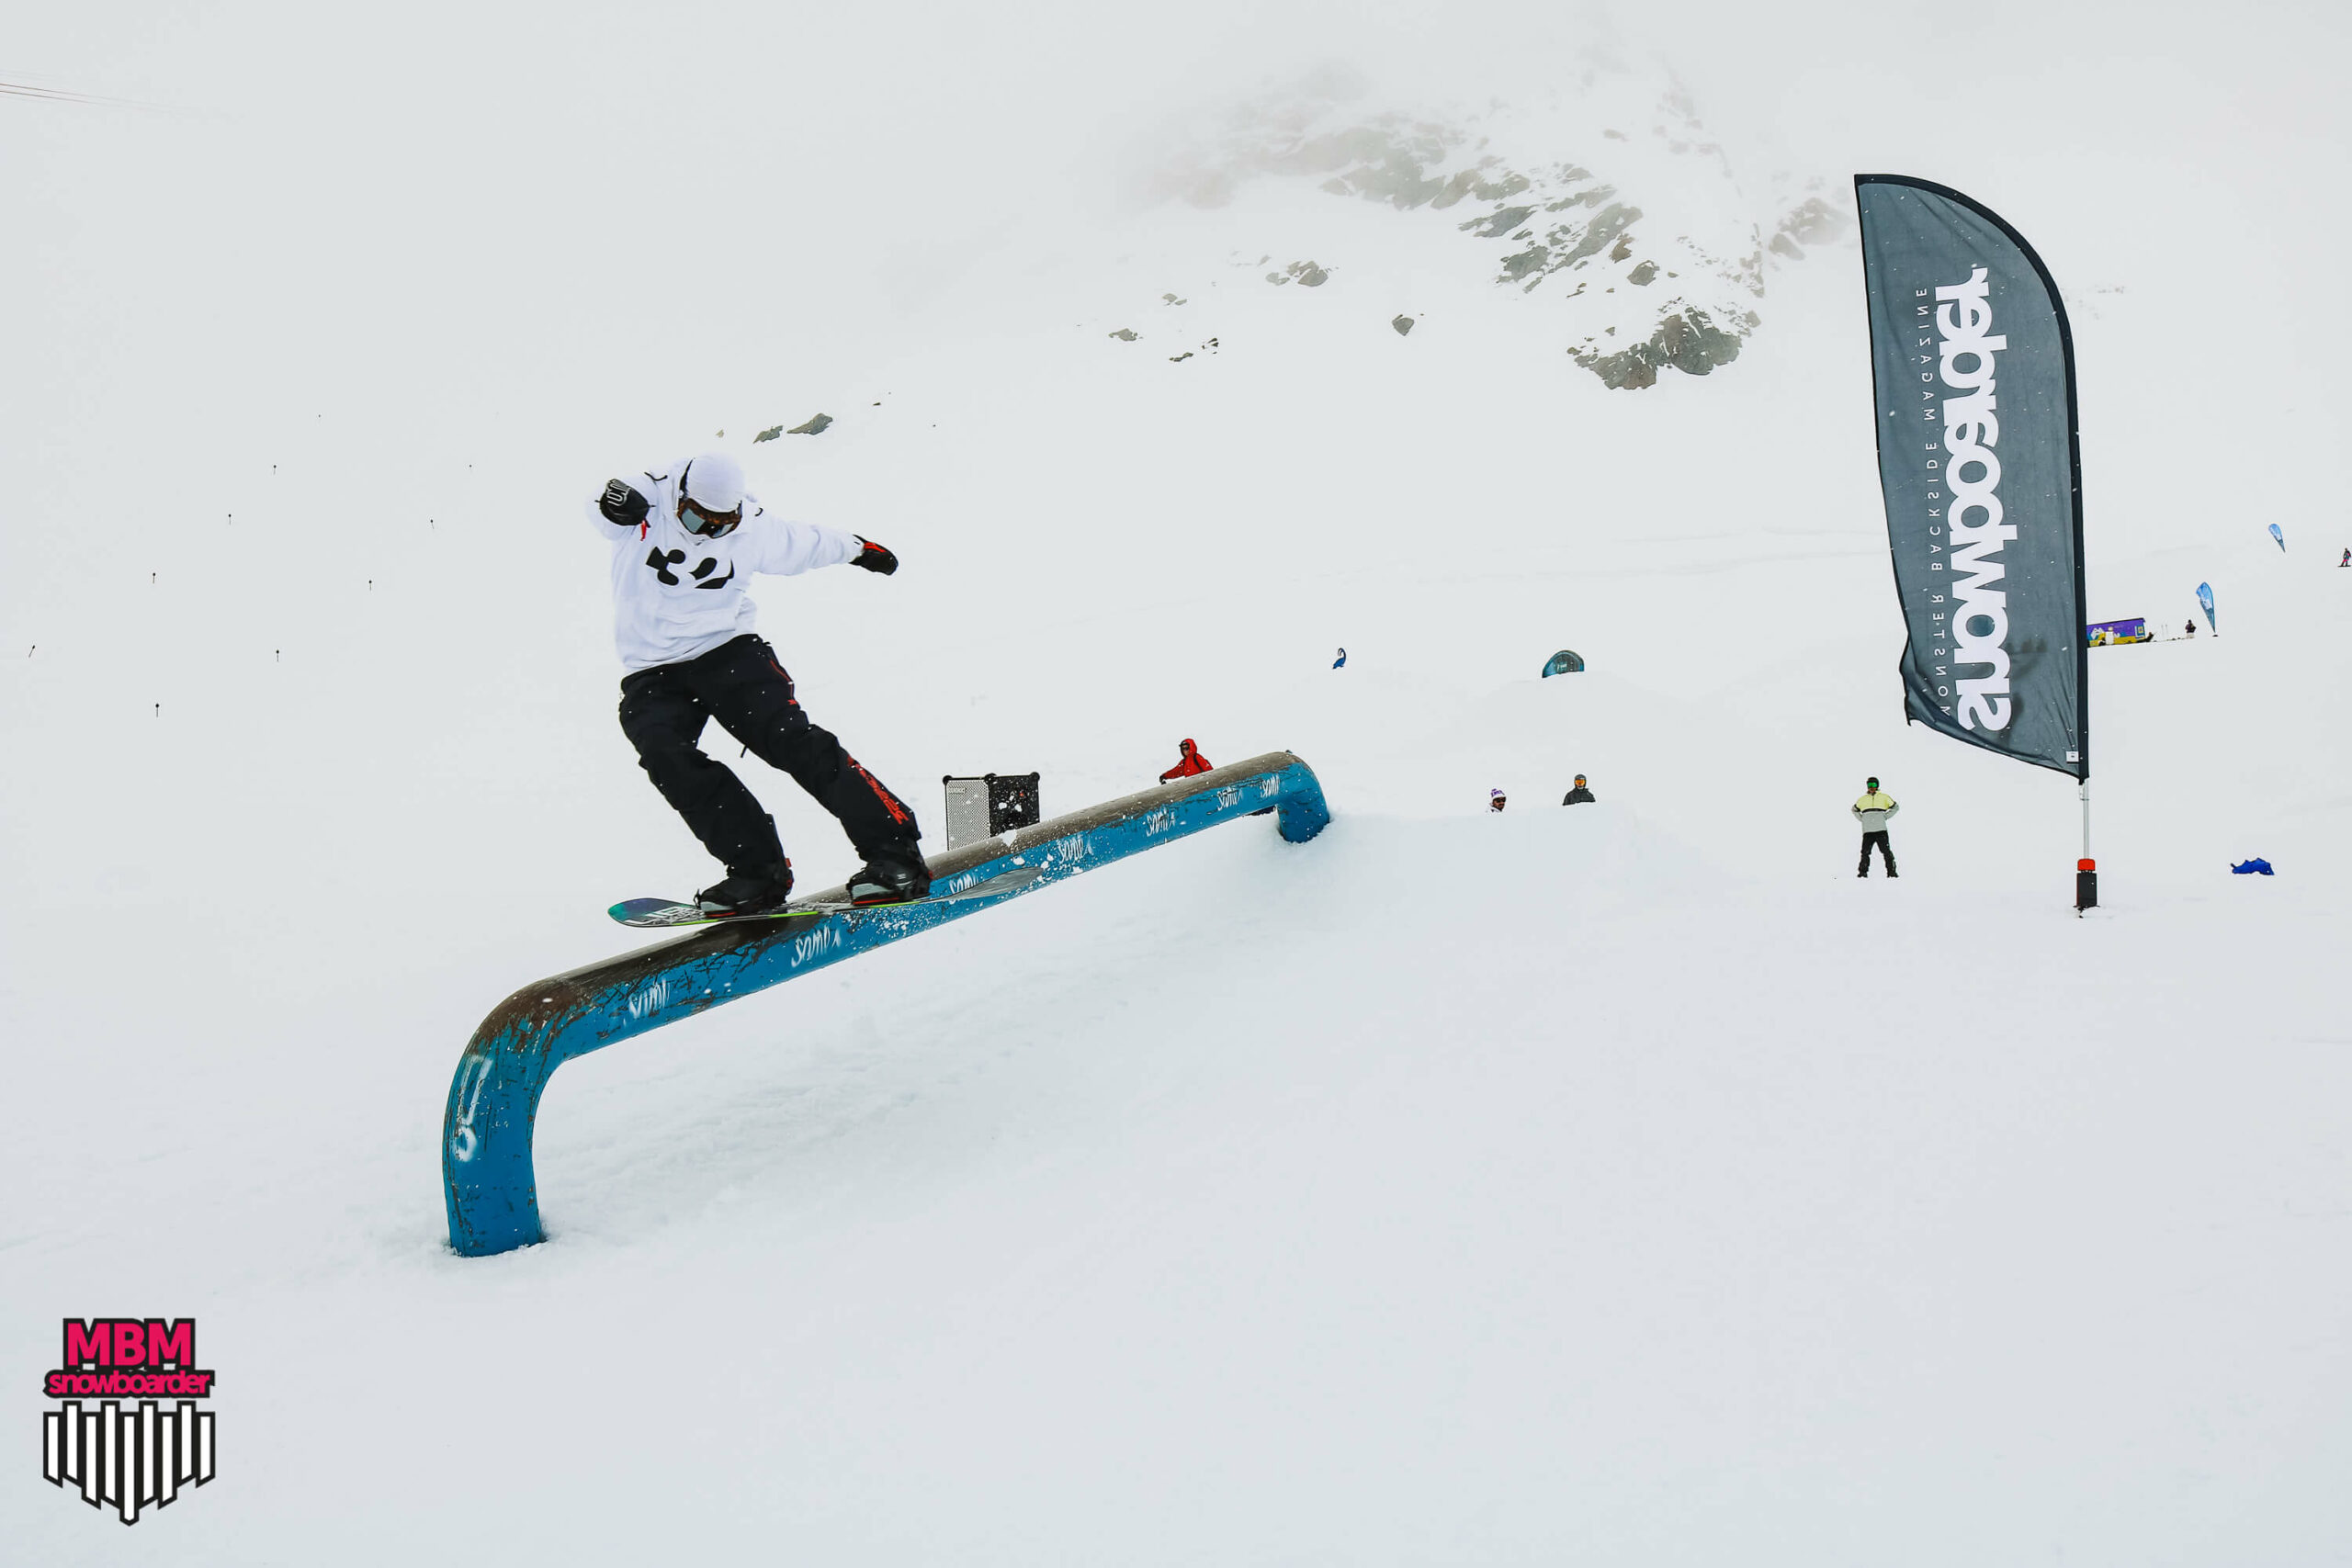 snowboarderMBM_sd_kaunertal_098